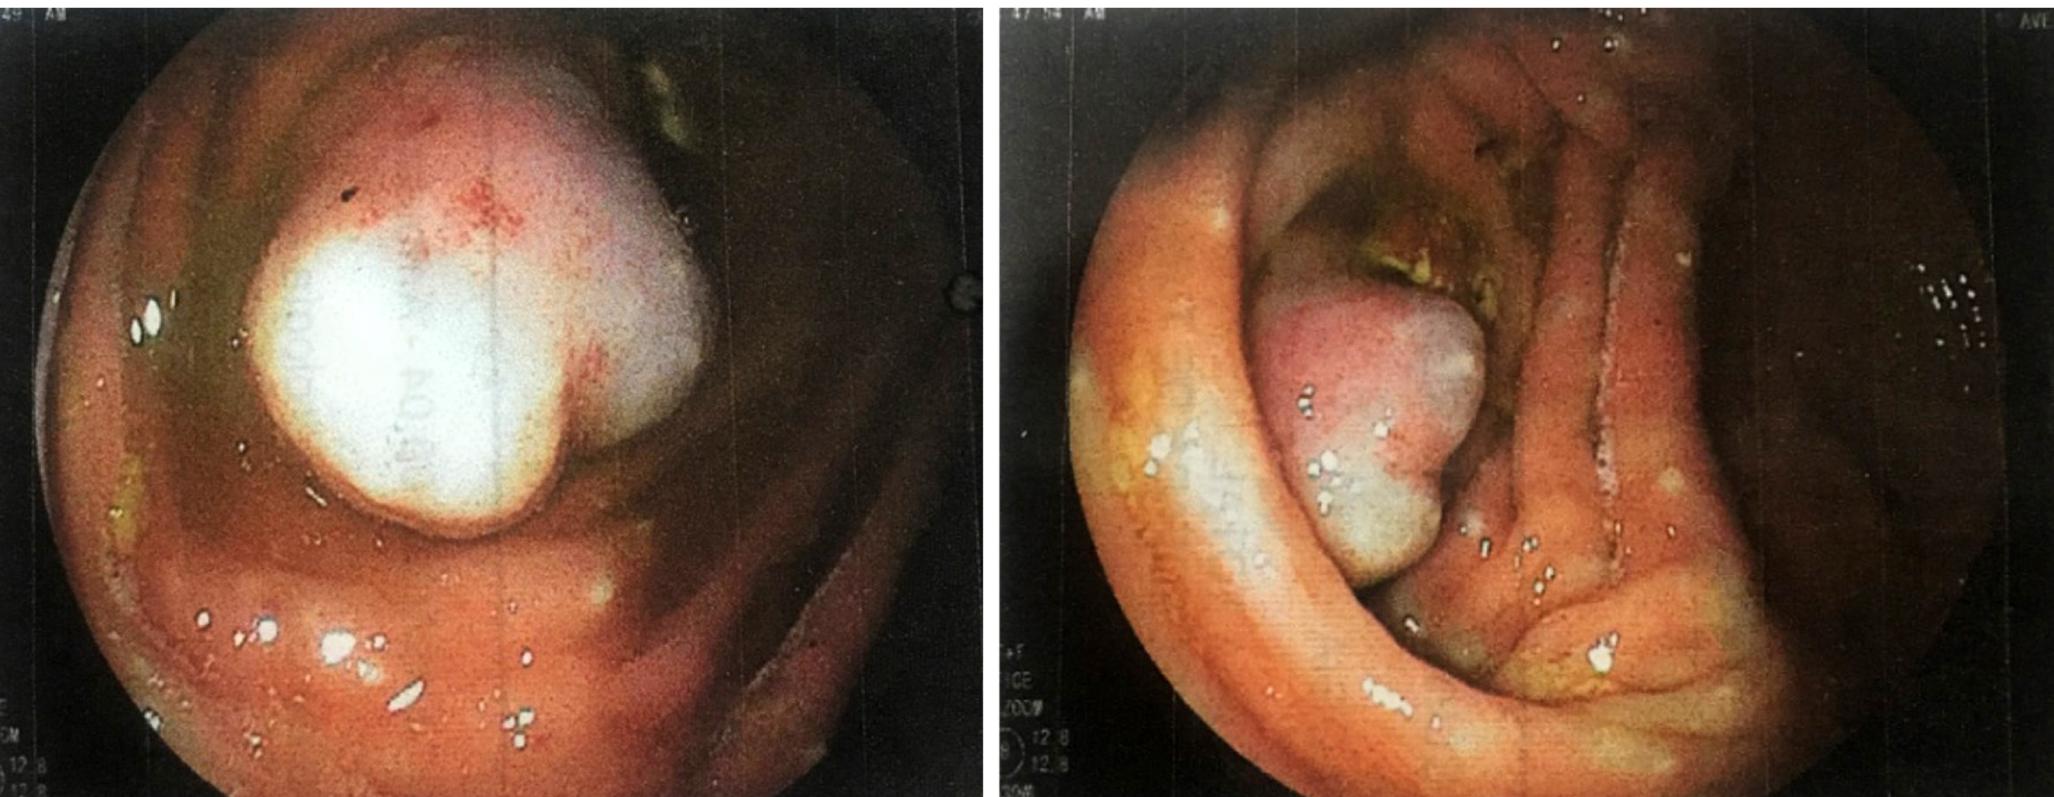 Figura 1. Apéndice cecal invaginado, visión de la colonoscopia en el polo cecal